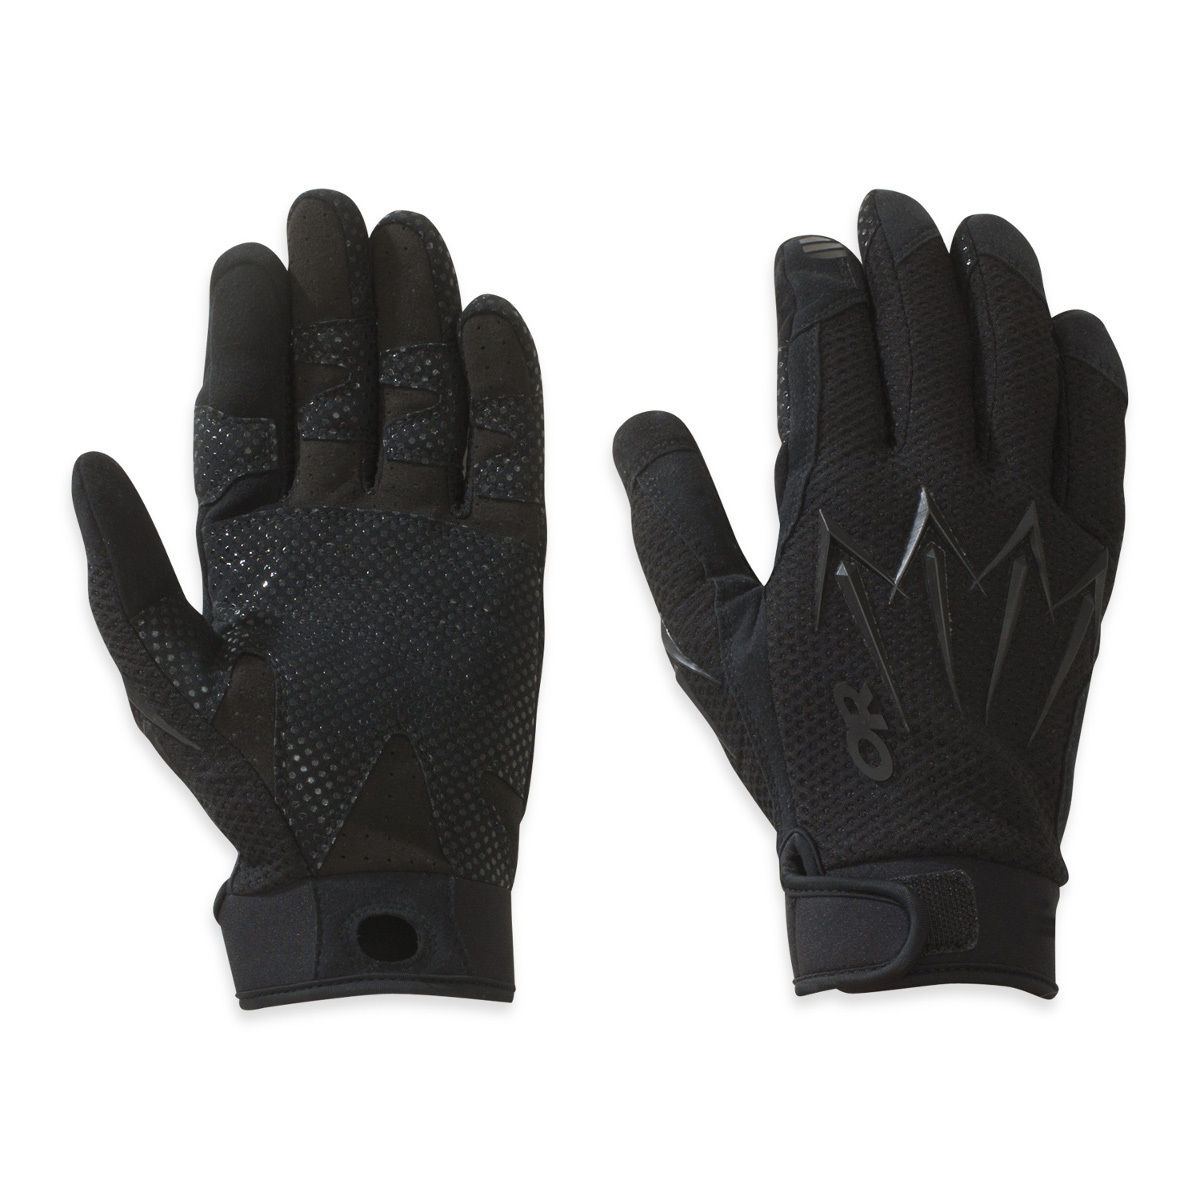 Outdoor Research Halberd Gloves